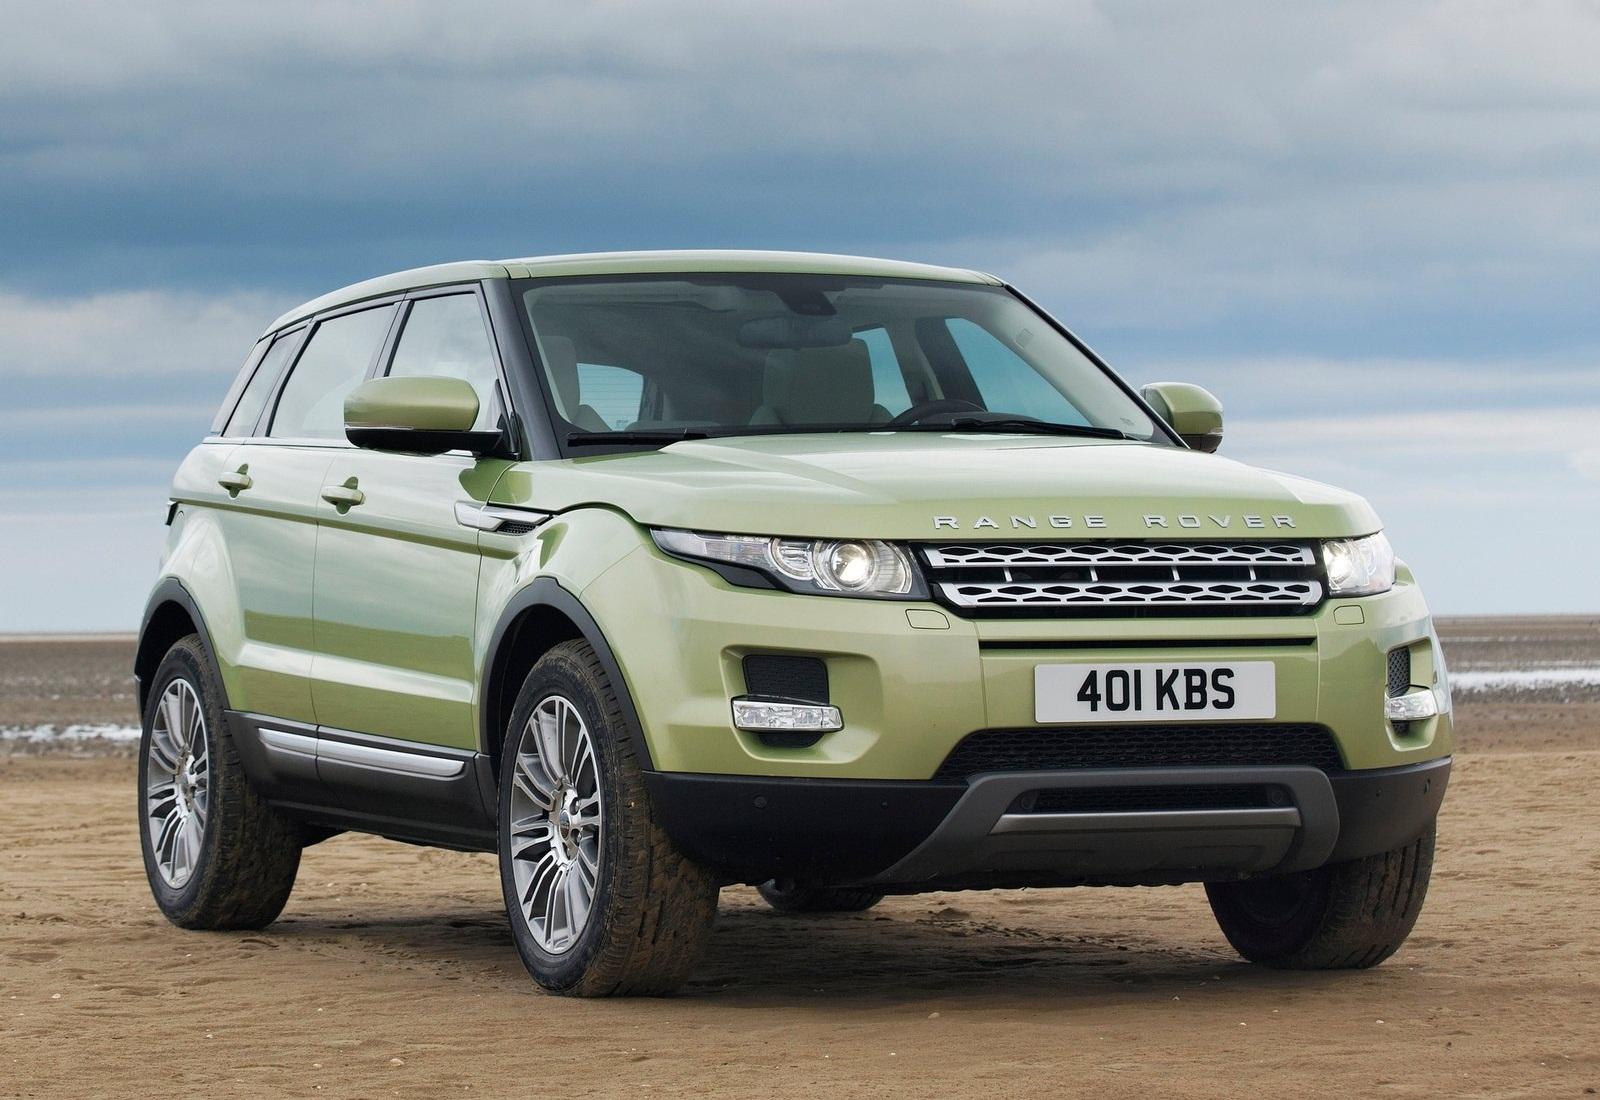 http://1.bp.blogspot.com/-mrl2vvtnEpo/T1kdF0XcJGI/AAAAAAAACsw/vDOORHZIFkc/s1600/Land_Rover-Range_Rover_Evoque_5-door_2012_1600x1200_wallpaper_01.jpg